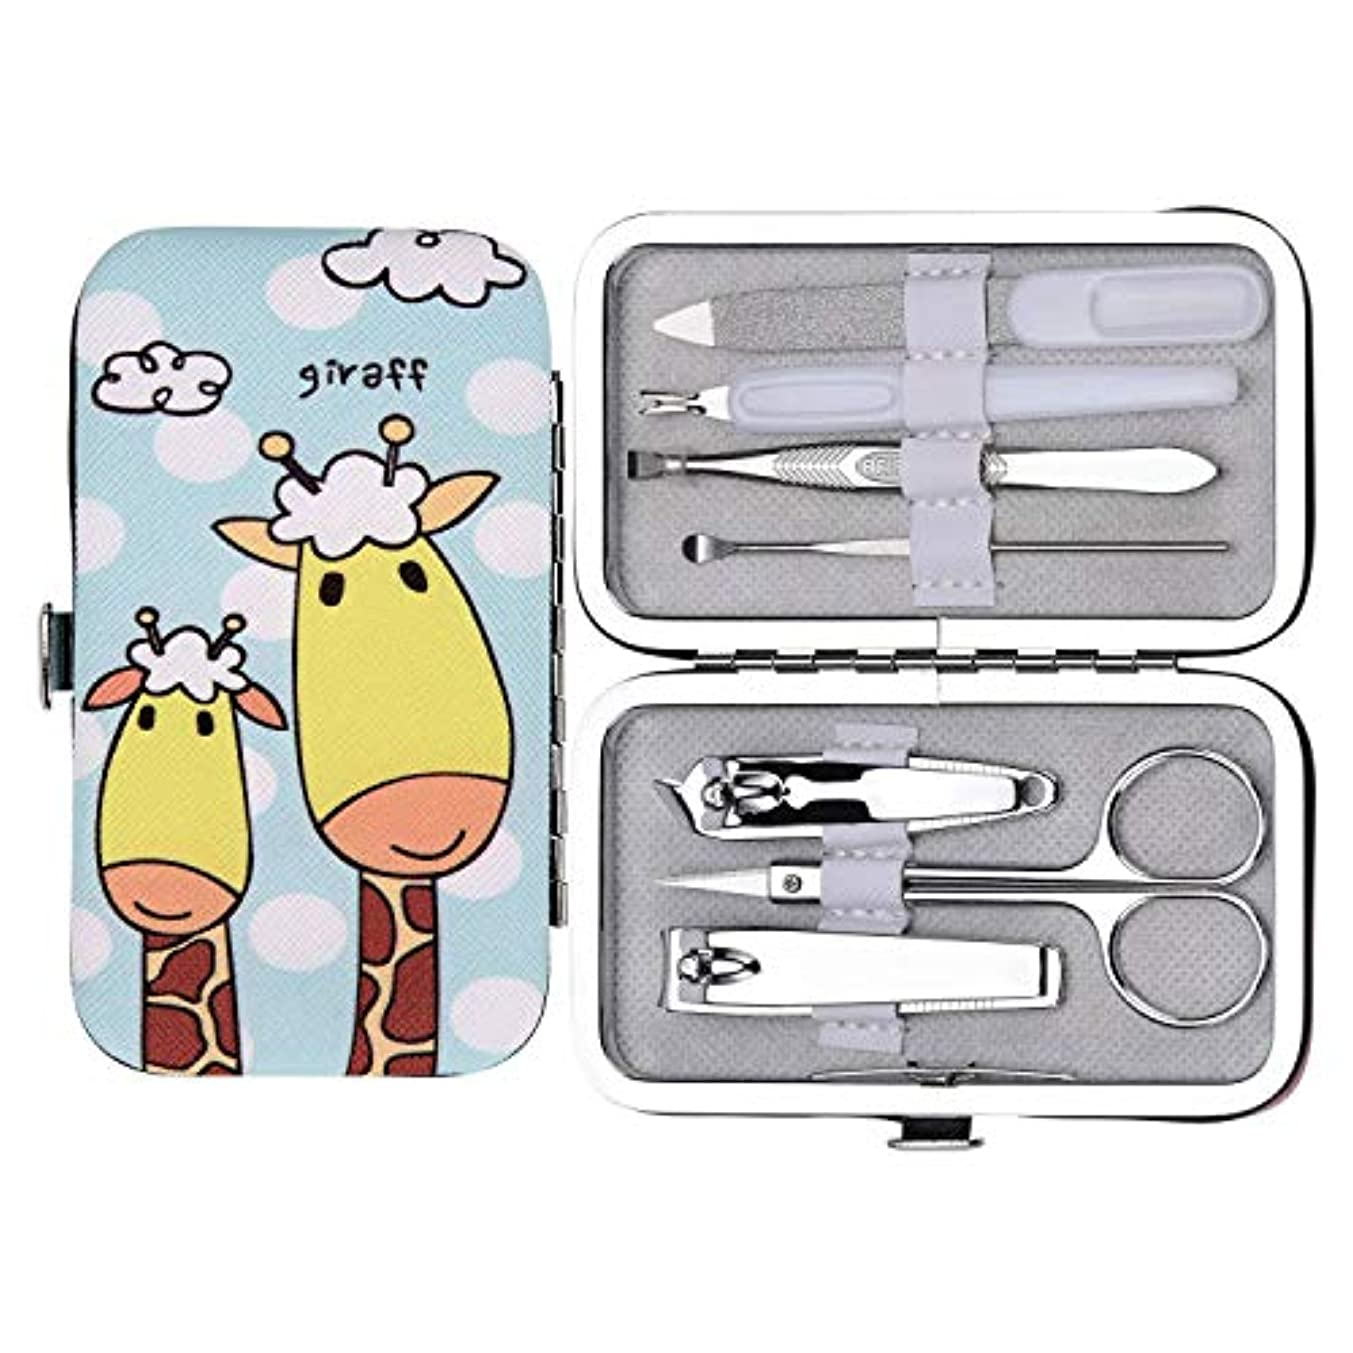 謙虚プラスチック文房具Gaoominy キッズマニキュアセット、爪切りセットステンレス鋼の個人マニキュア、ペディキュアグルーミングキット7の1子供のため-01